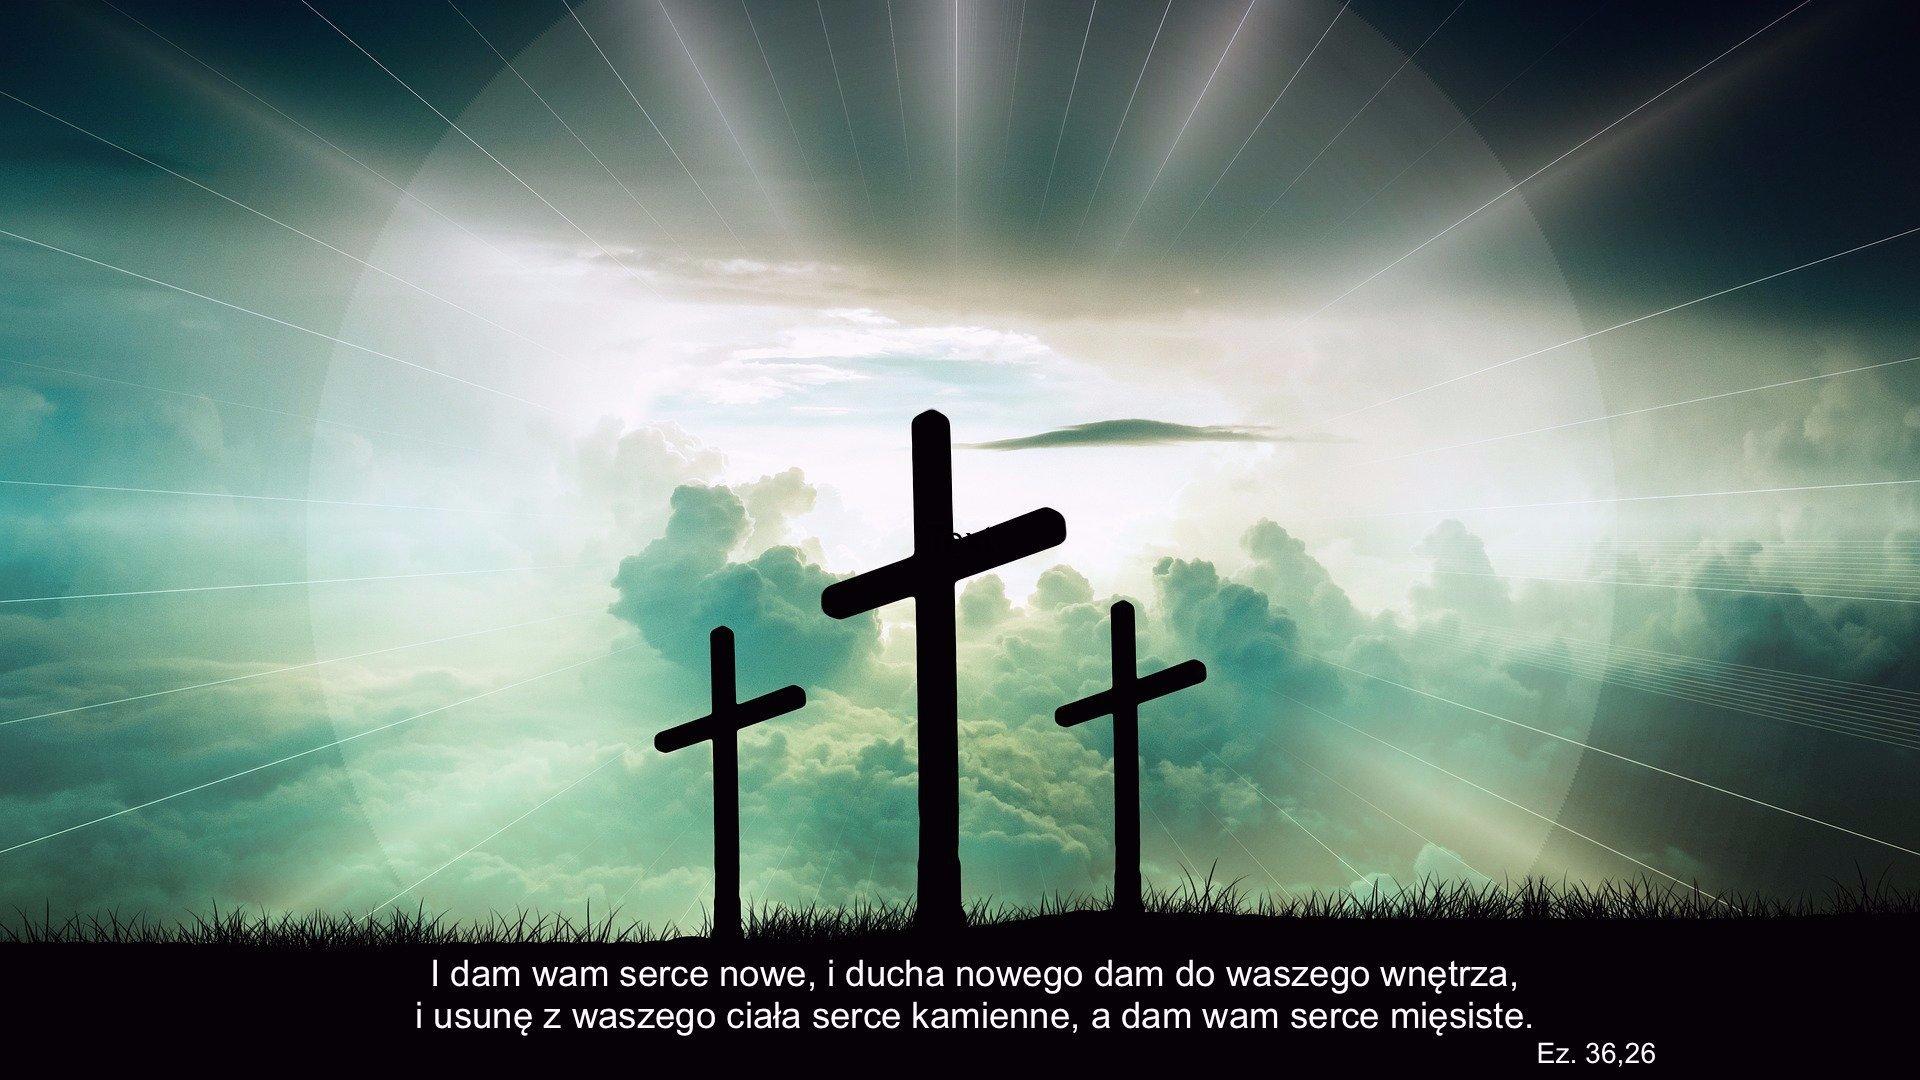 Prawdziwe upamiętanie i regeneracja (Ps. 51:12-21)